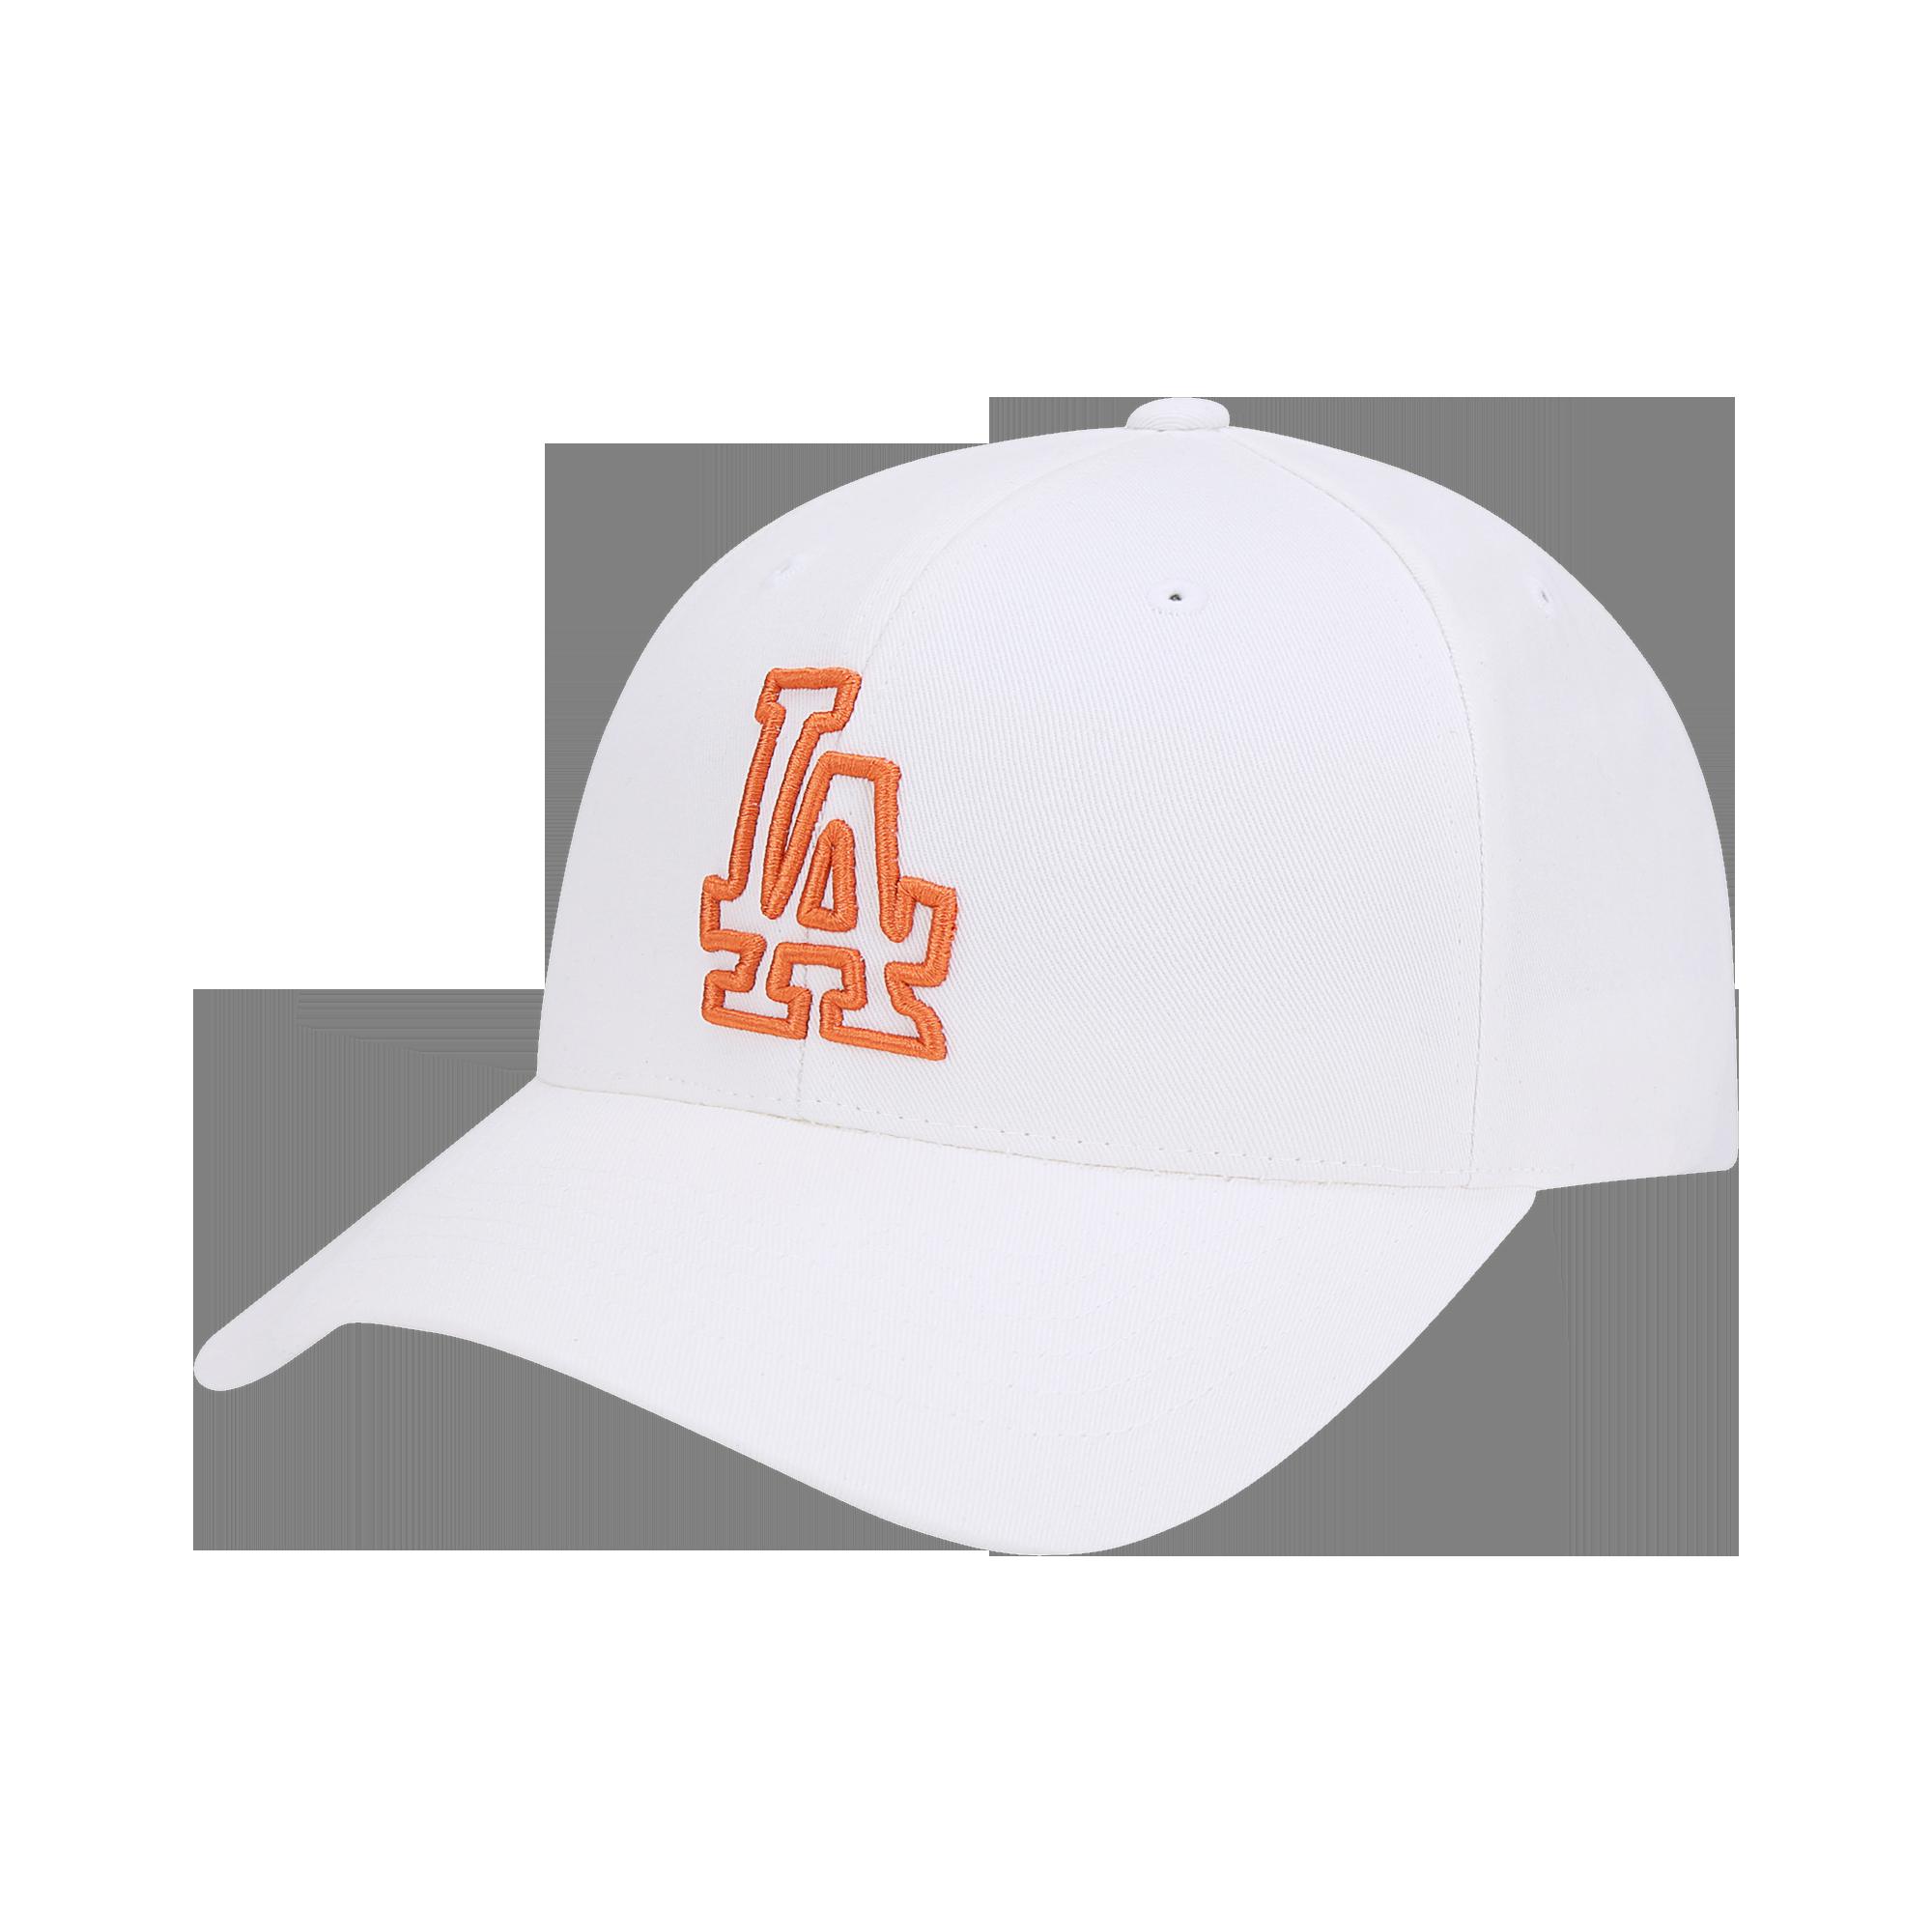 팝콘 MLB LIKE 커브조절캡 LA다저스